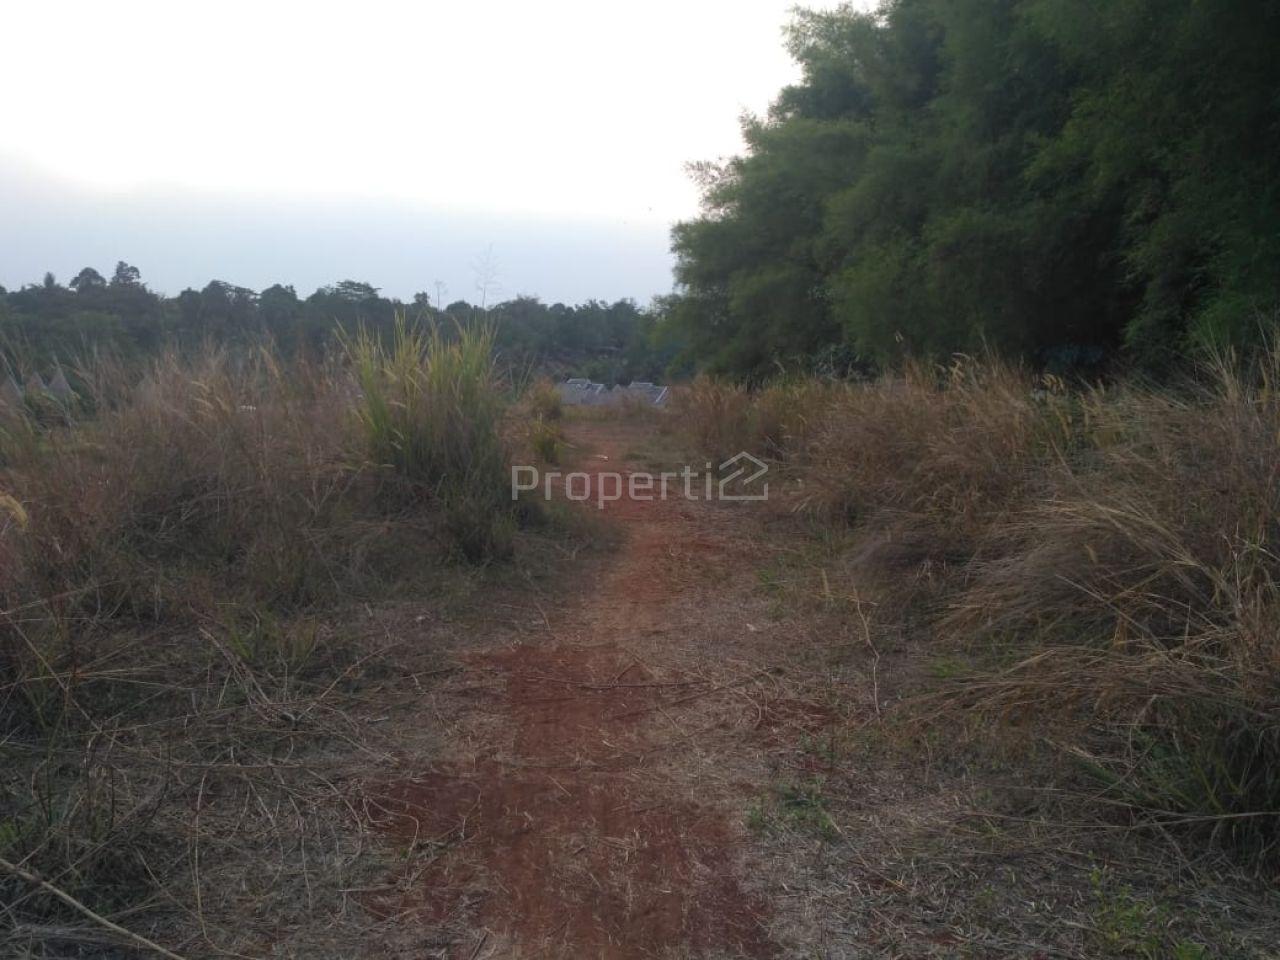 Land for Housing in Bojongsari, Kota Depok